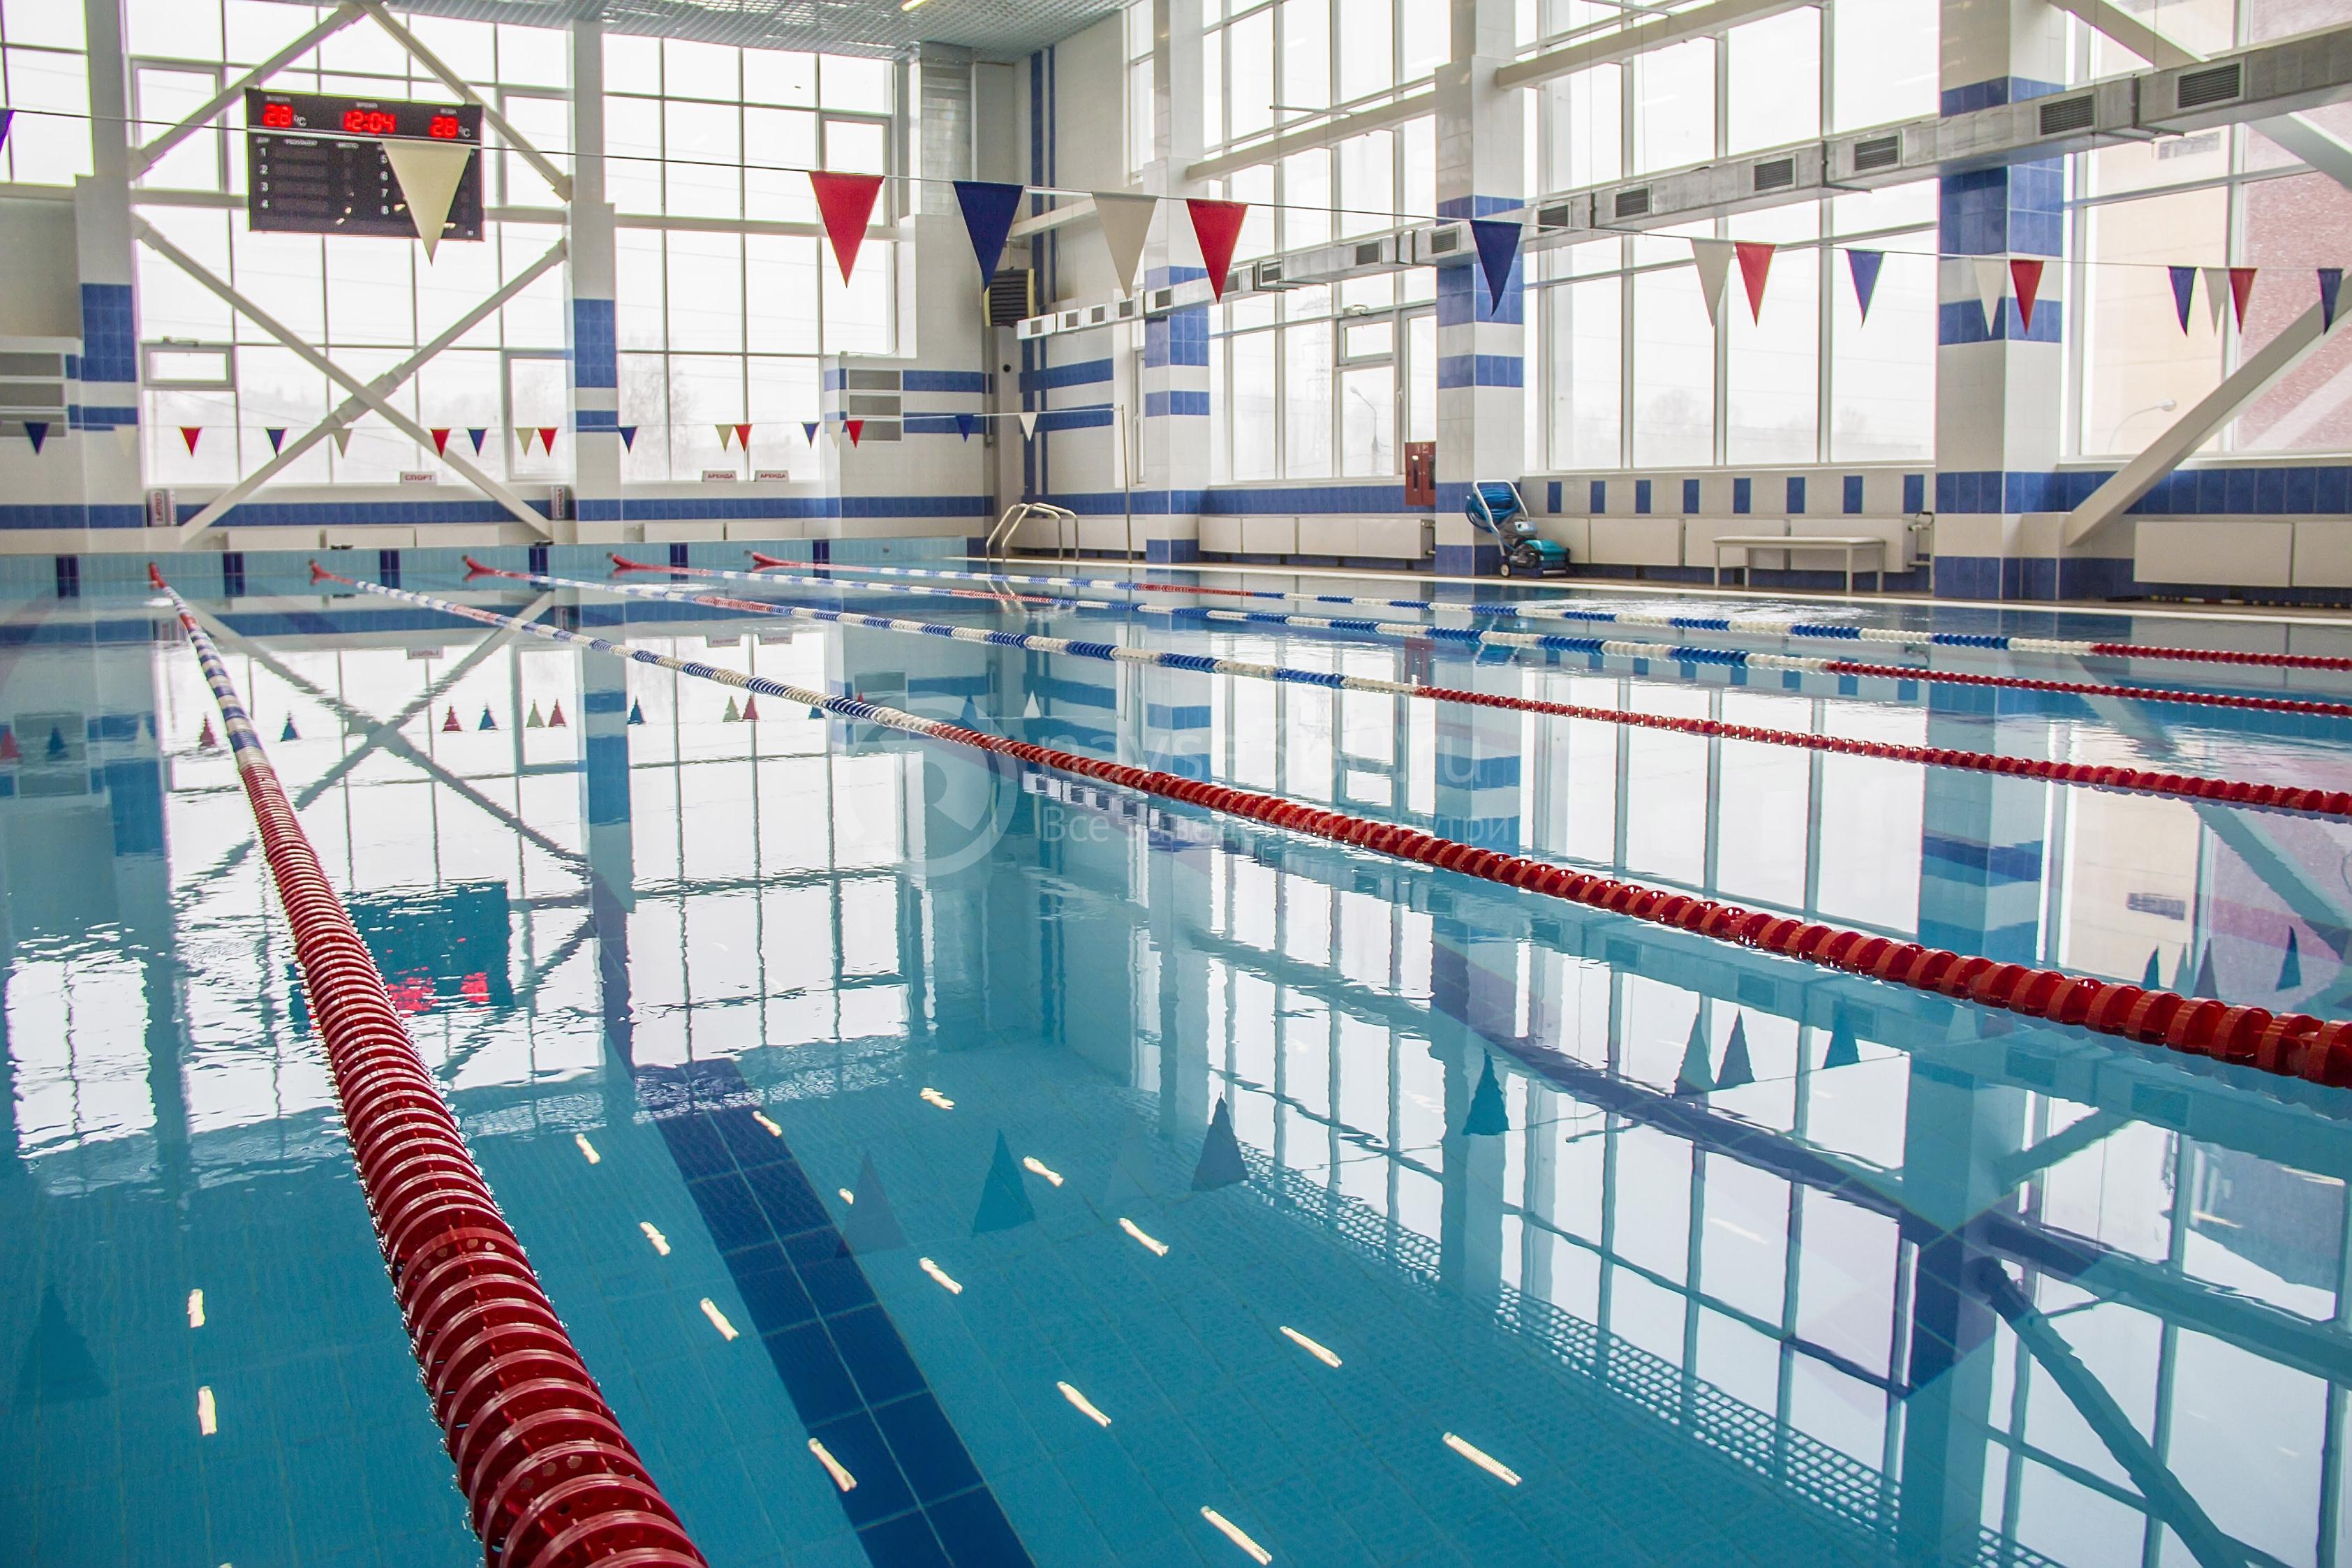 бассейн спартак чебоксары официальный сайт